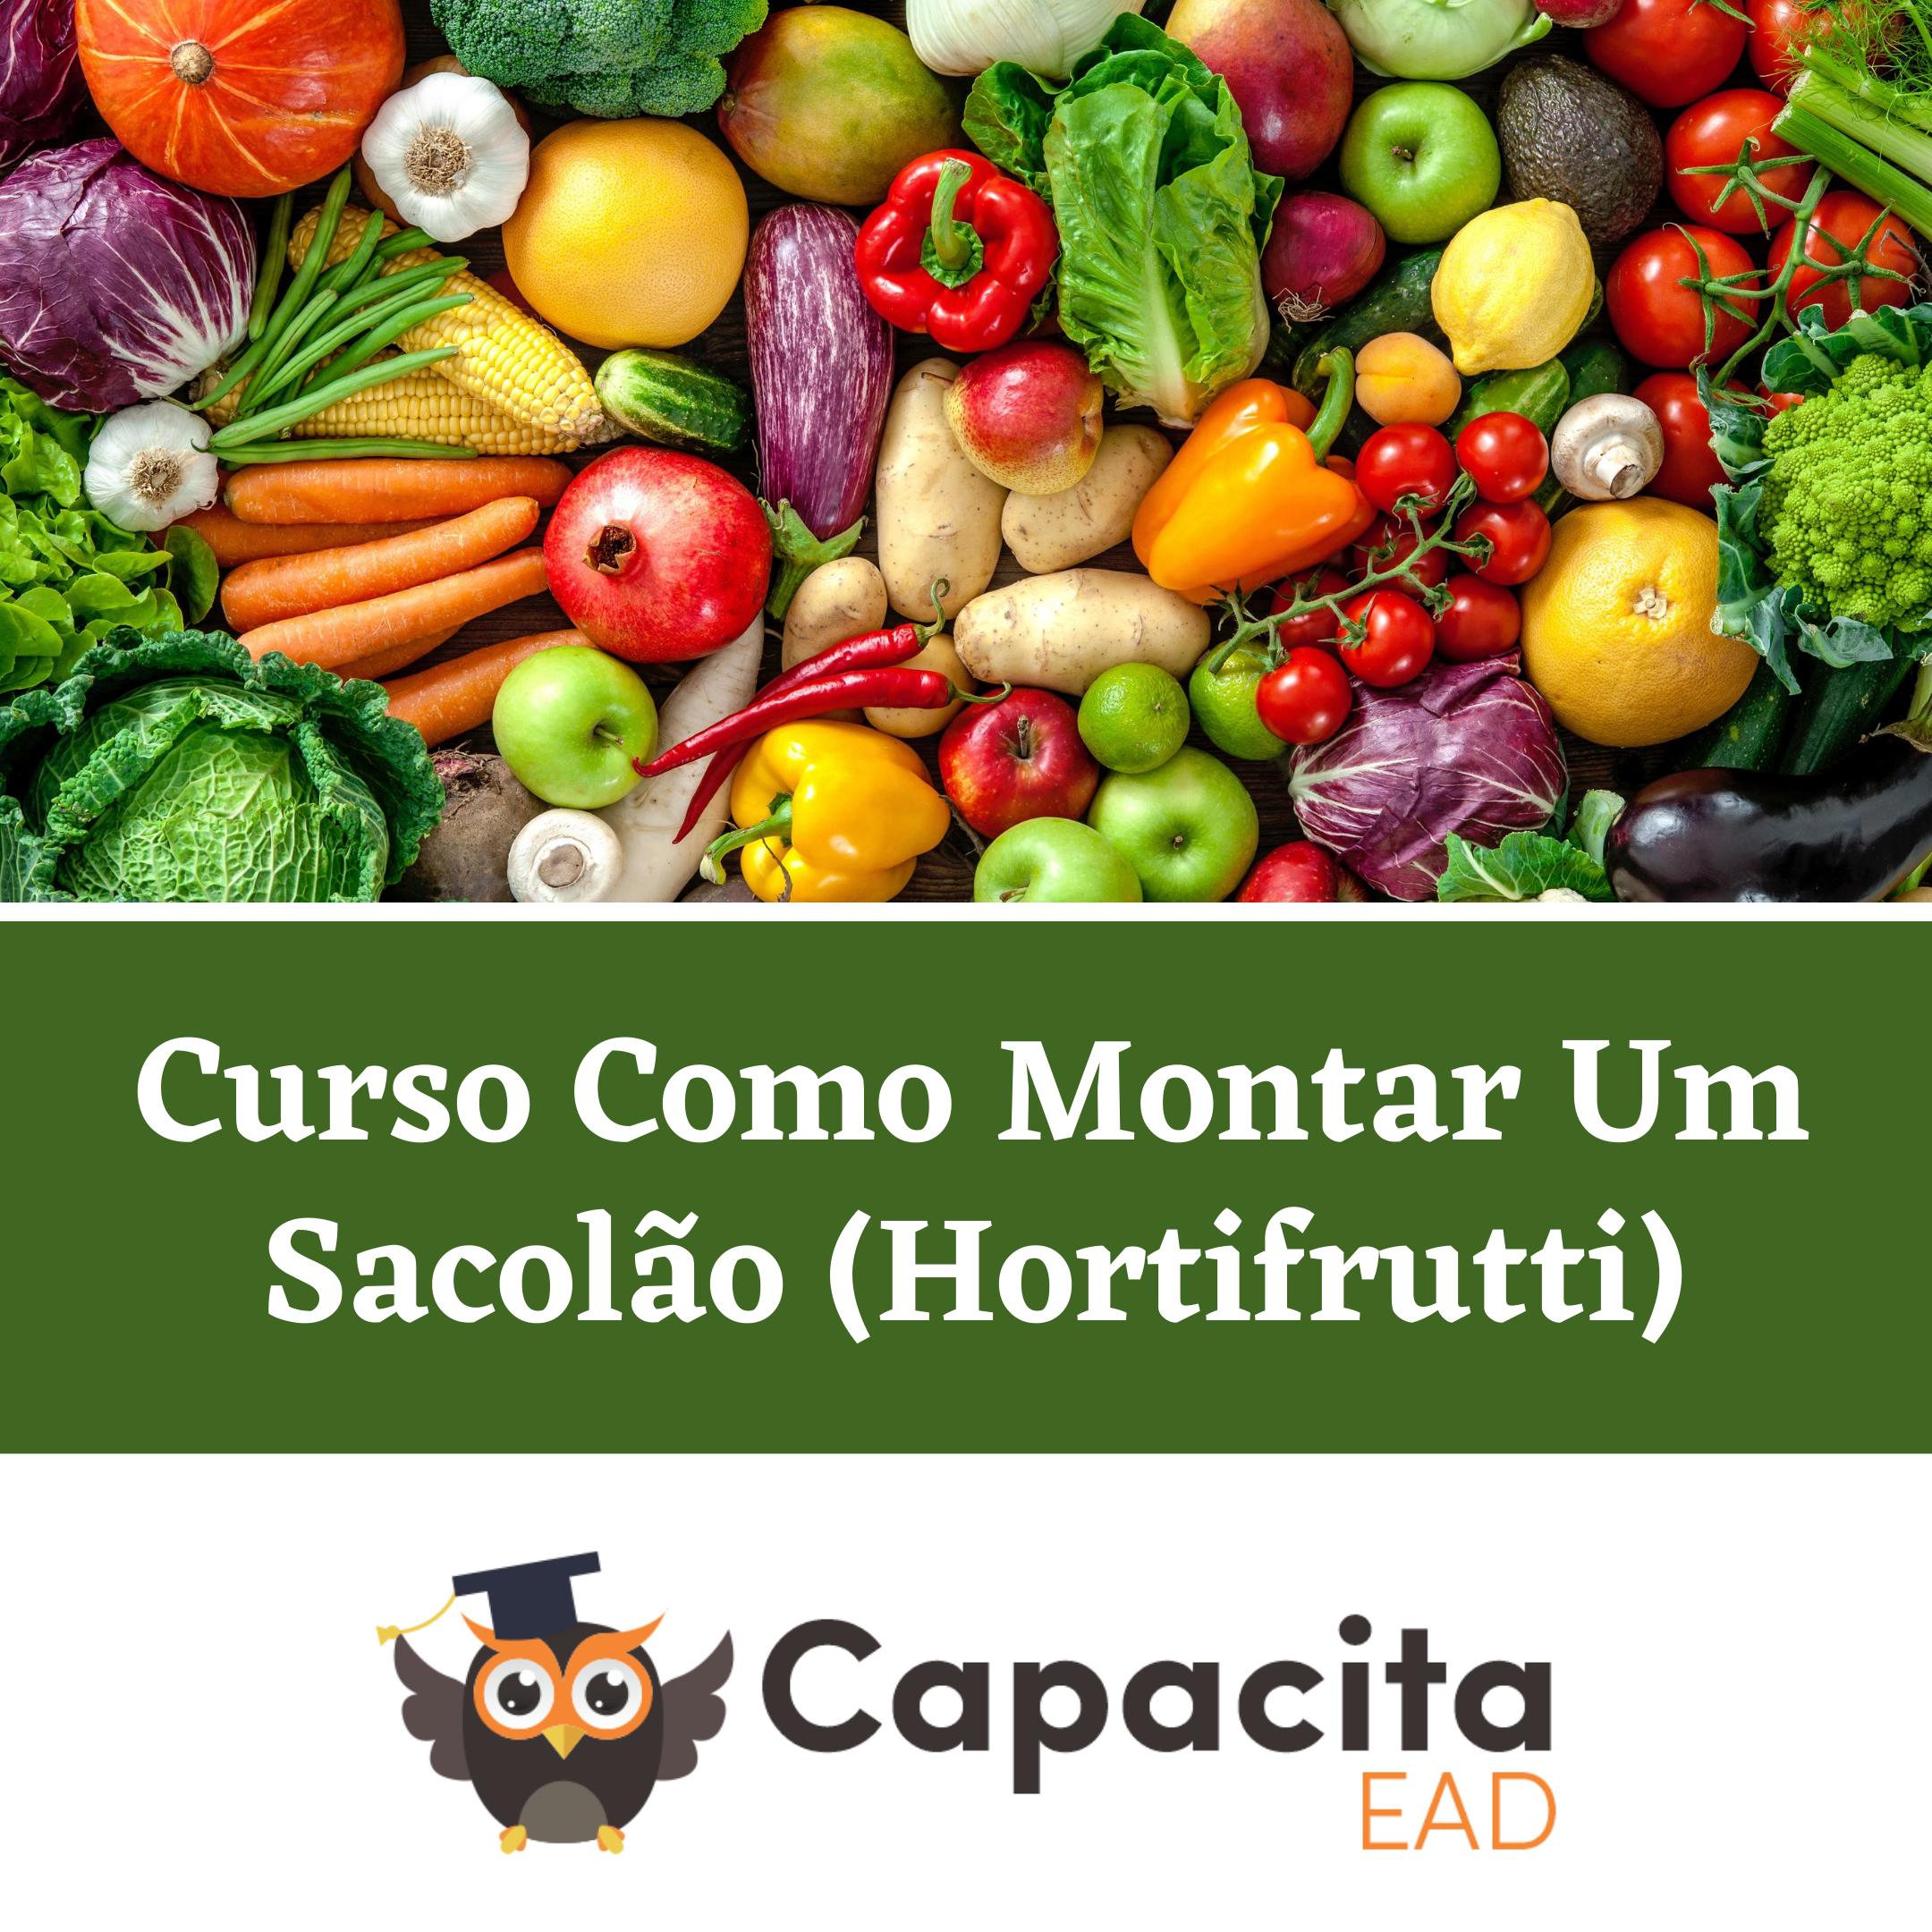 Curso Como Montar Um Sacolão (Hortifrutti)